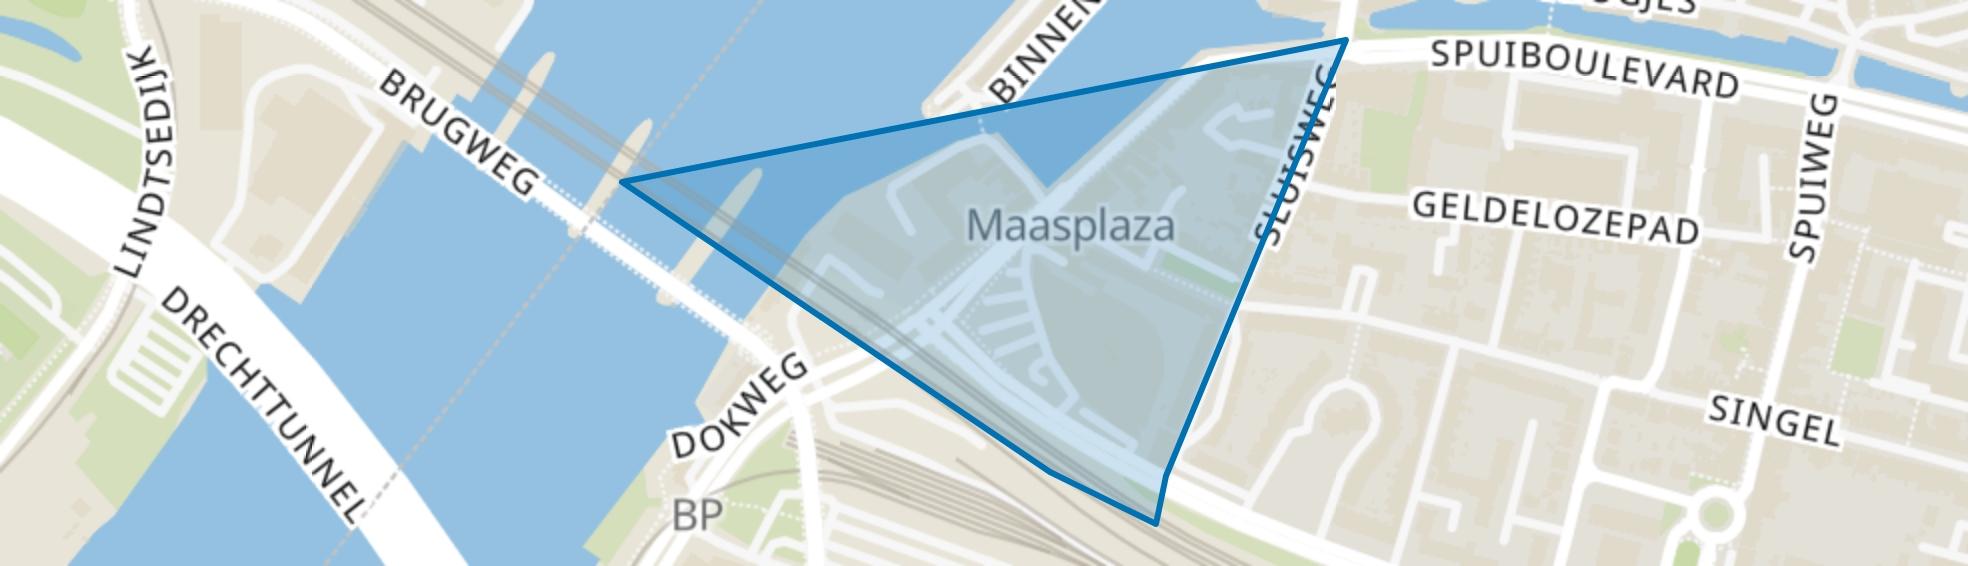 Achterhakkers en omgeving, Dordrecht map